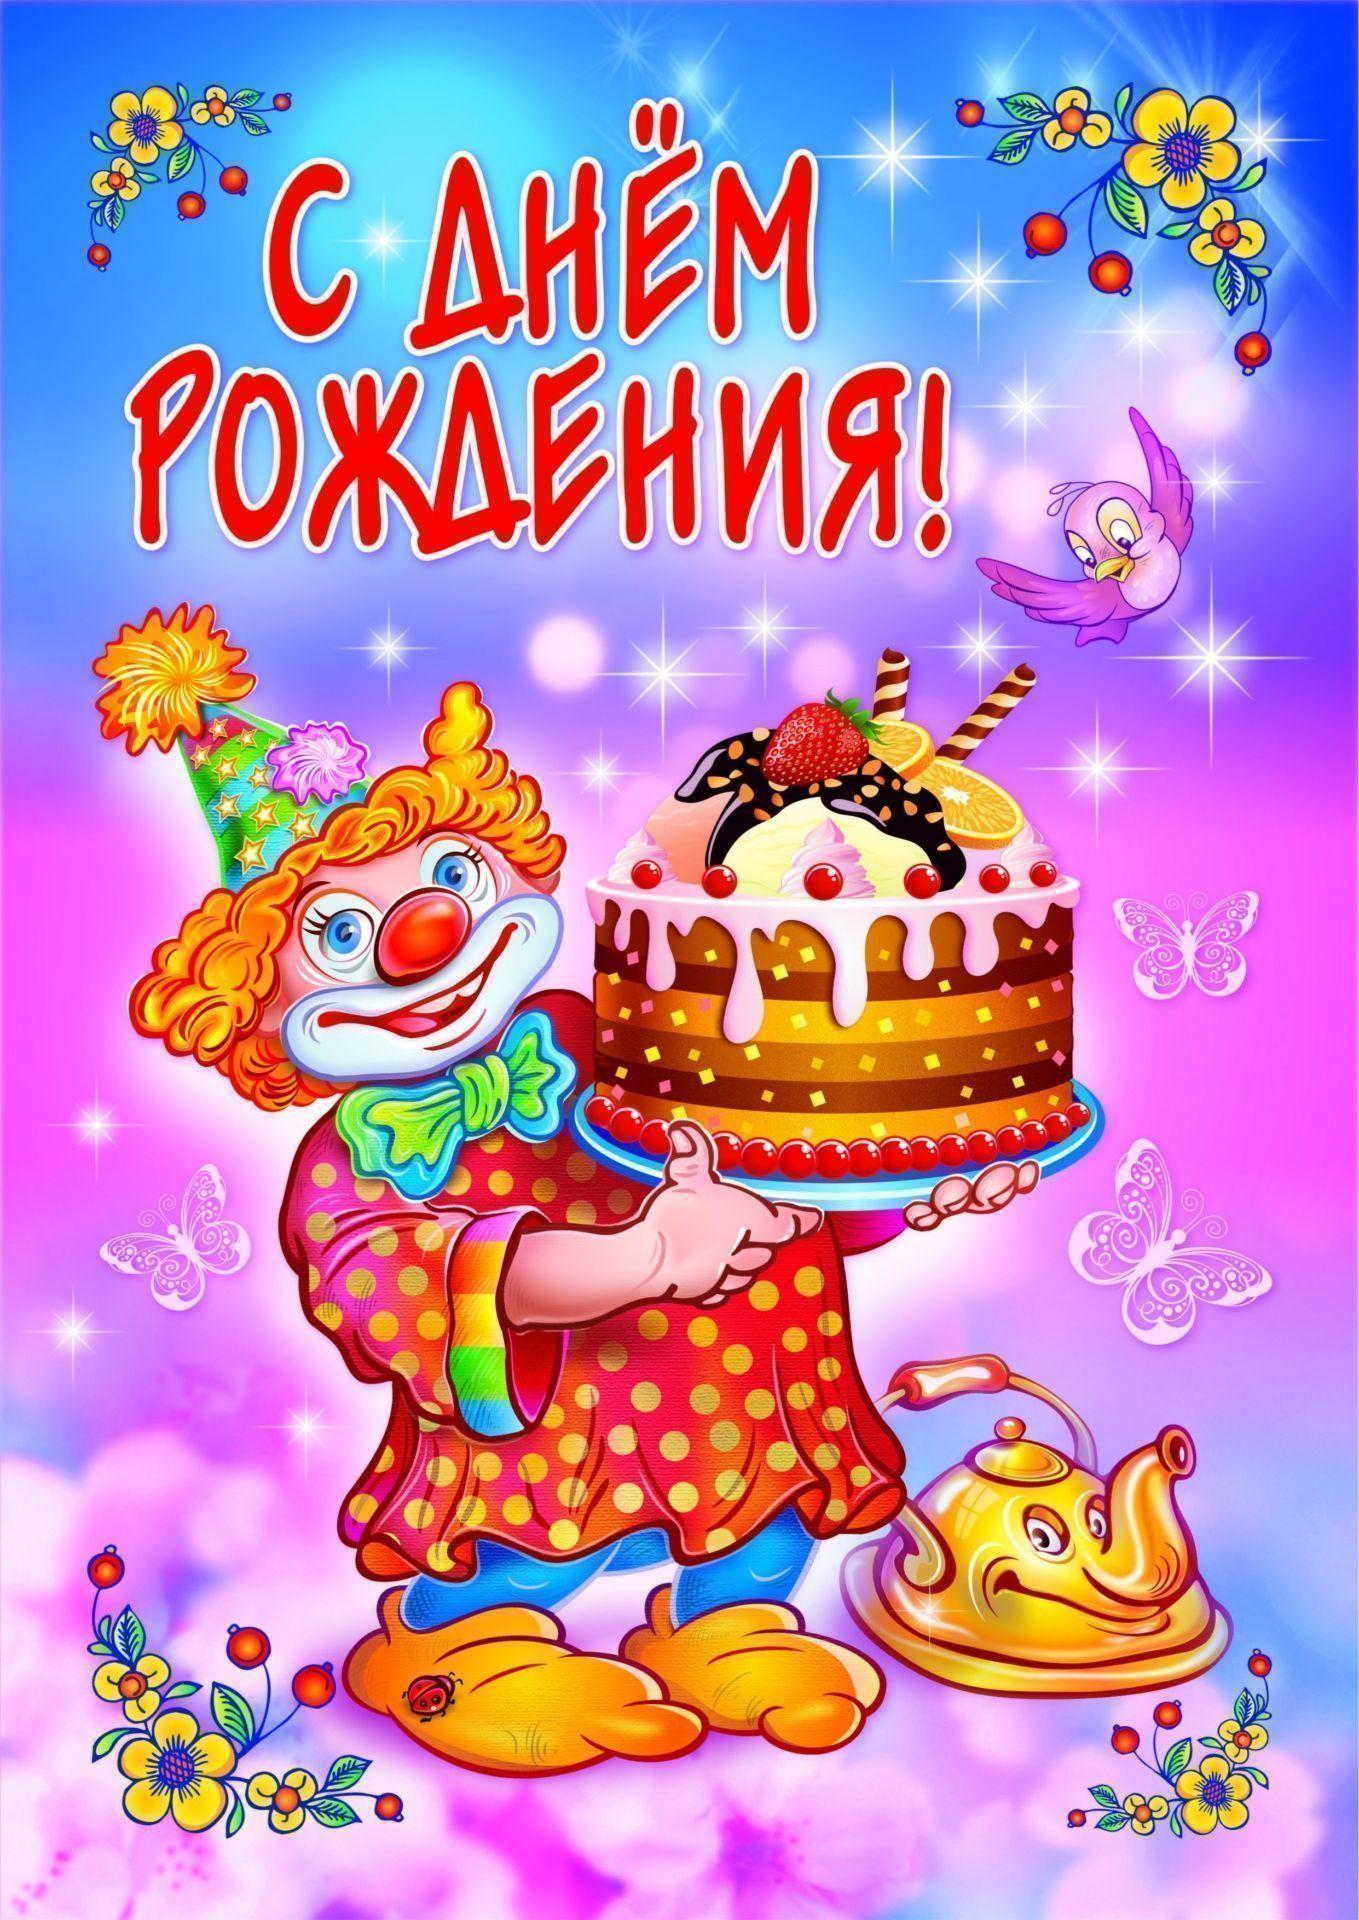 Открытка-прикольная-на-день-рождения-с-днём-рождения-поздравления-6344.jpg